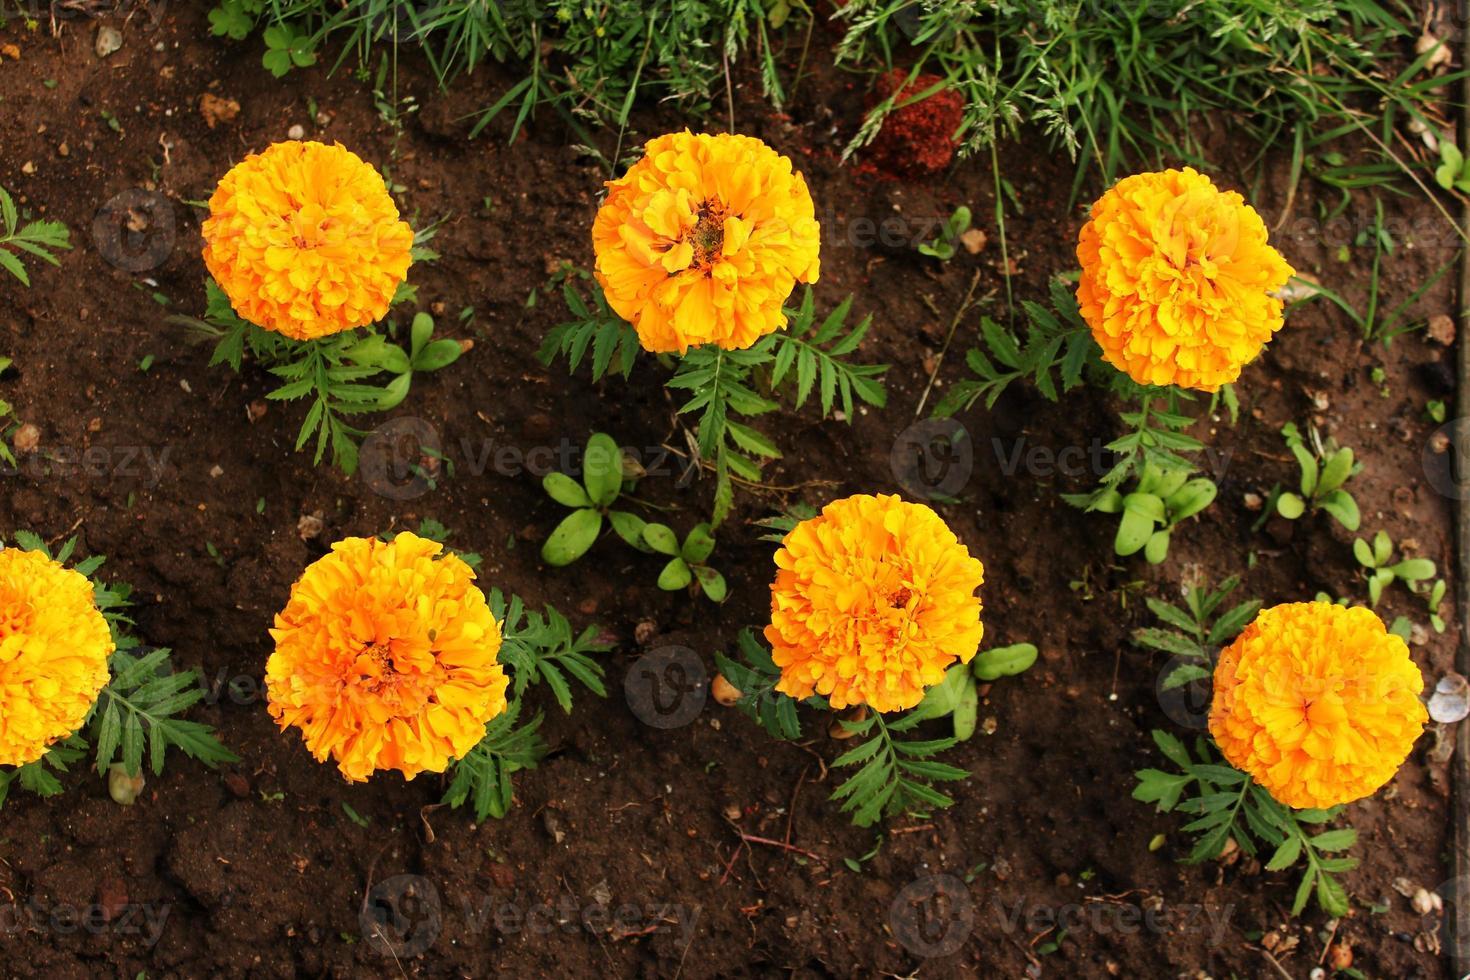 tagetes erecta caléndulas claro amarillo y naranja flores y capullos que crecen en el macizo de flores. flores naranjas en el suelo, vista superior foto